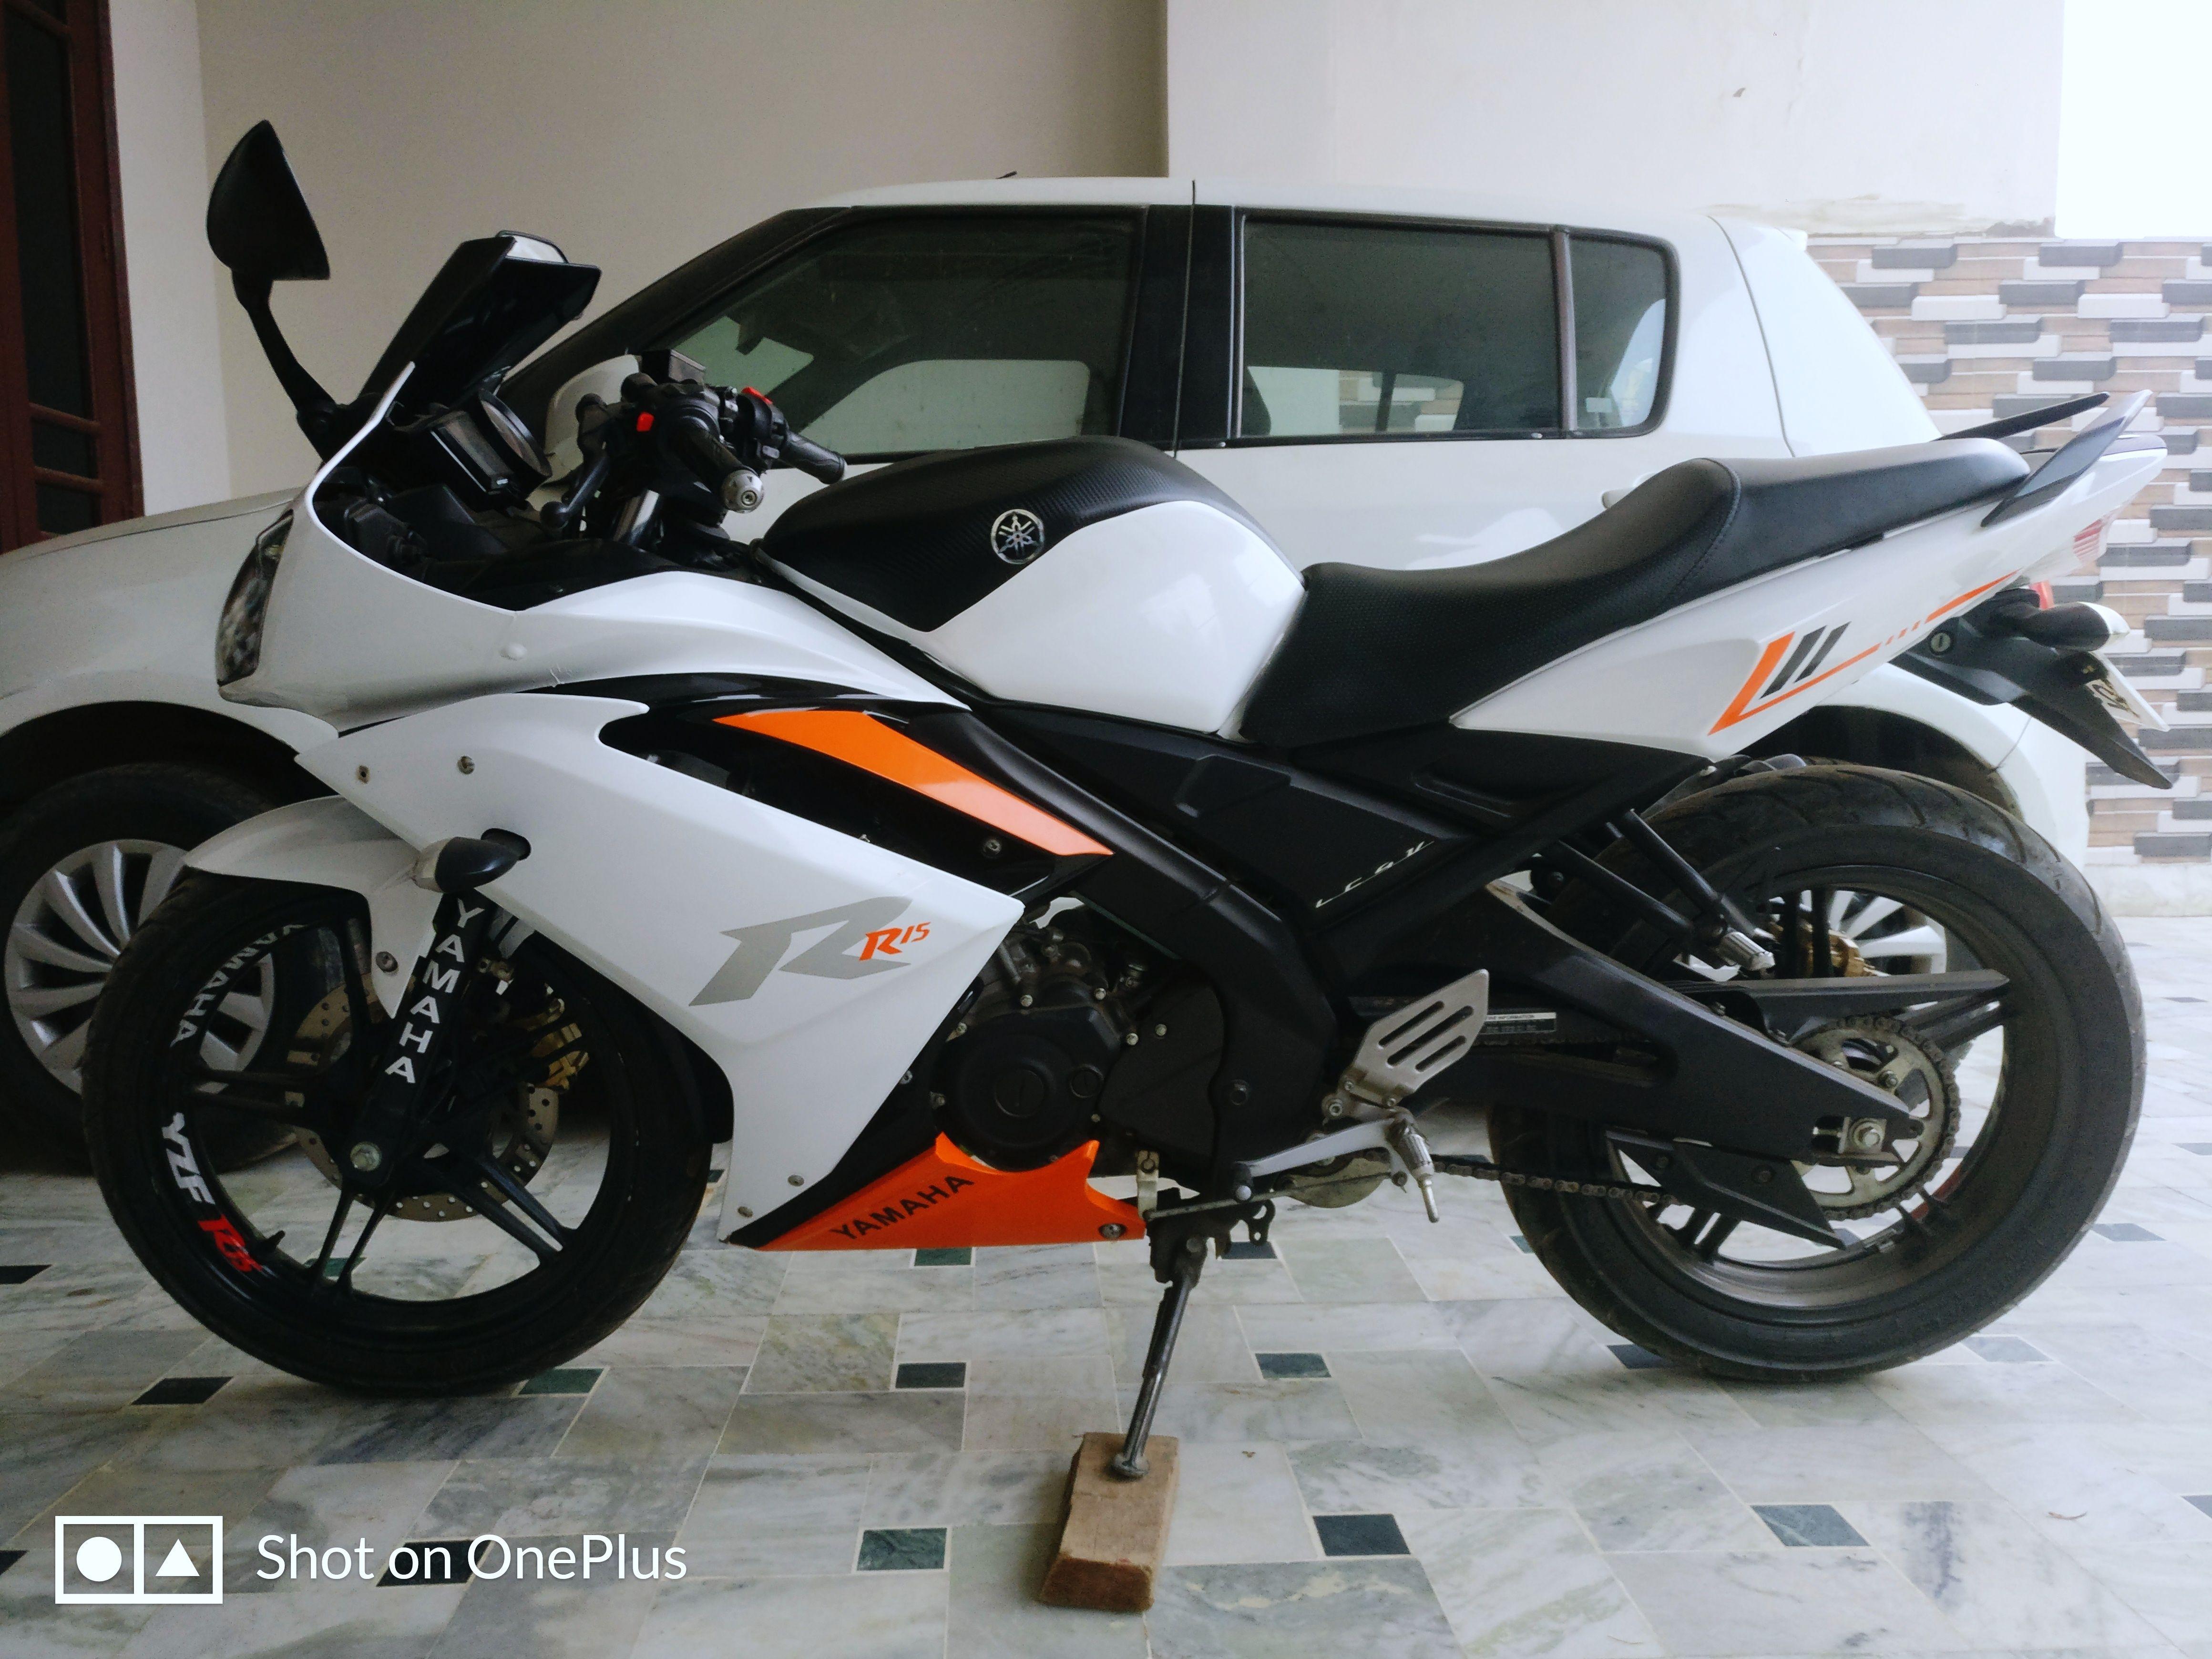 Modified R15s With Images R15 Yamaha Modified R15 Yamaha Yamaha